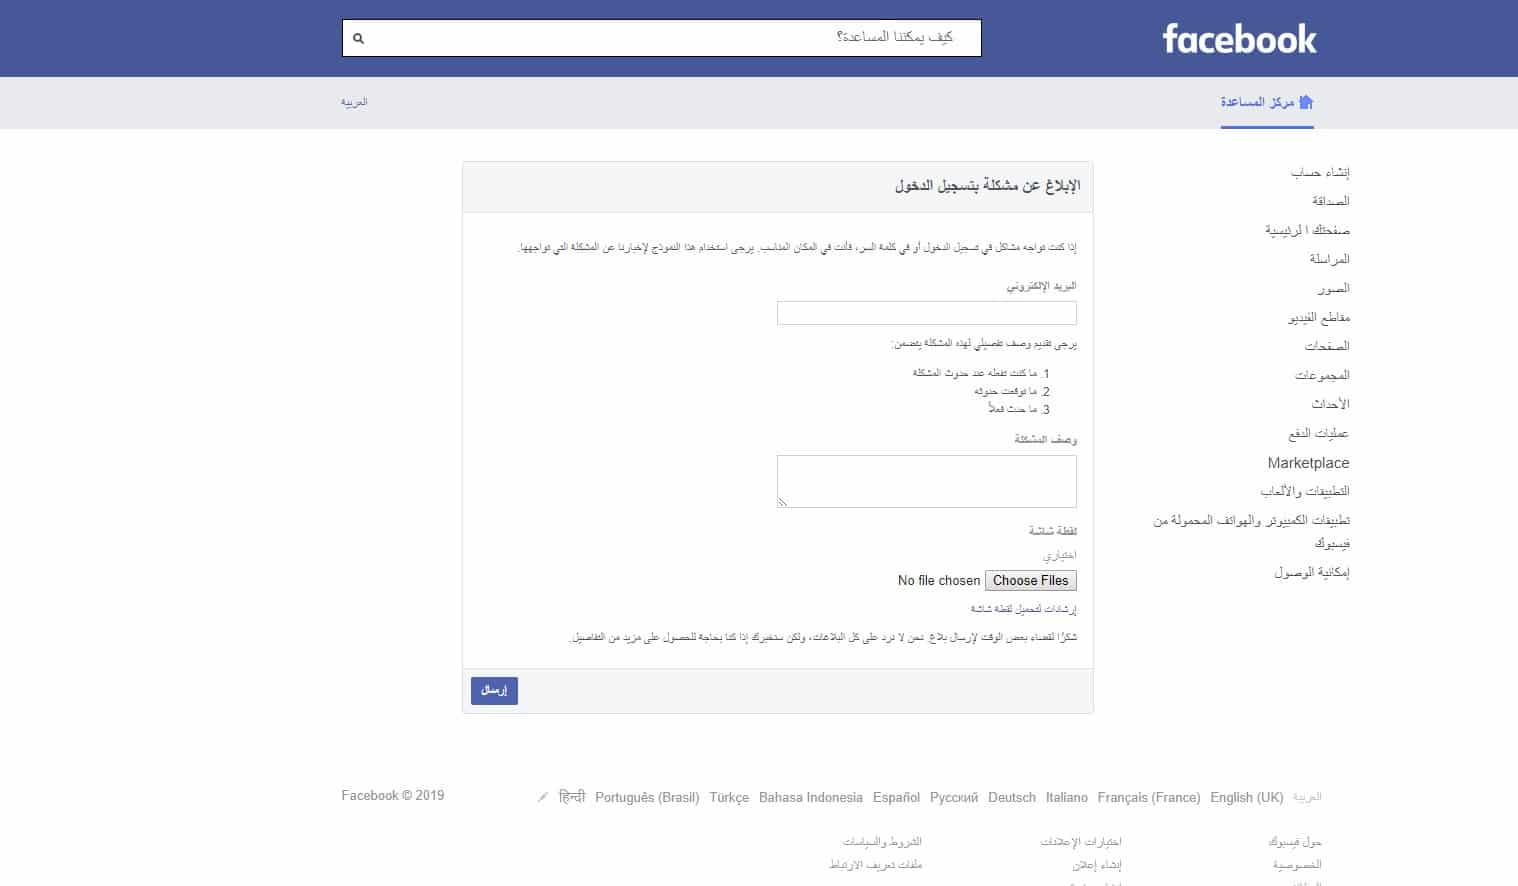 شرح كيفية استرجاع حساب فيس بوك معطل 2019 في 3 خطوات فقط